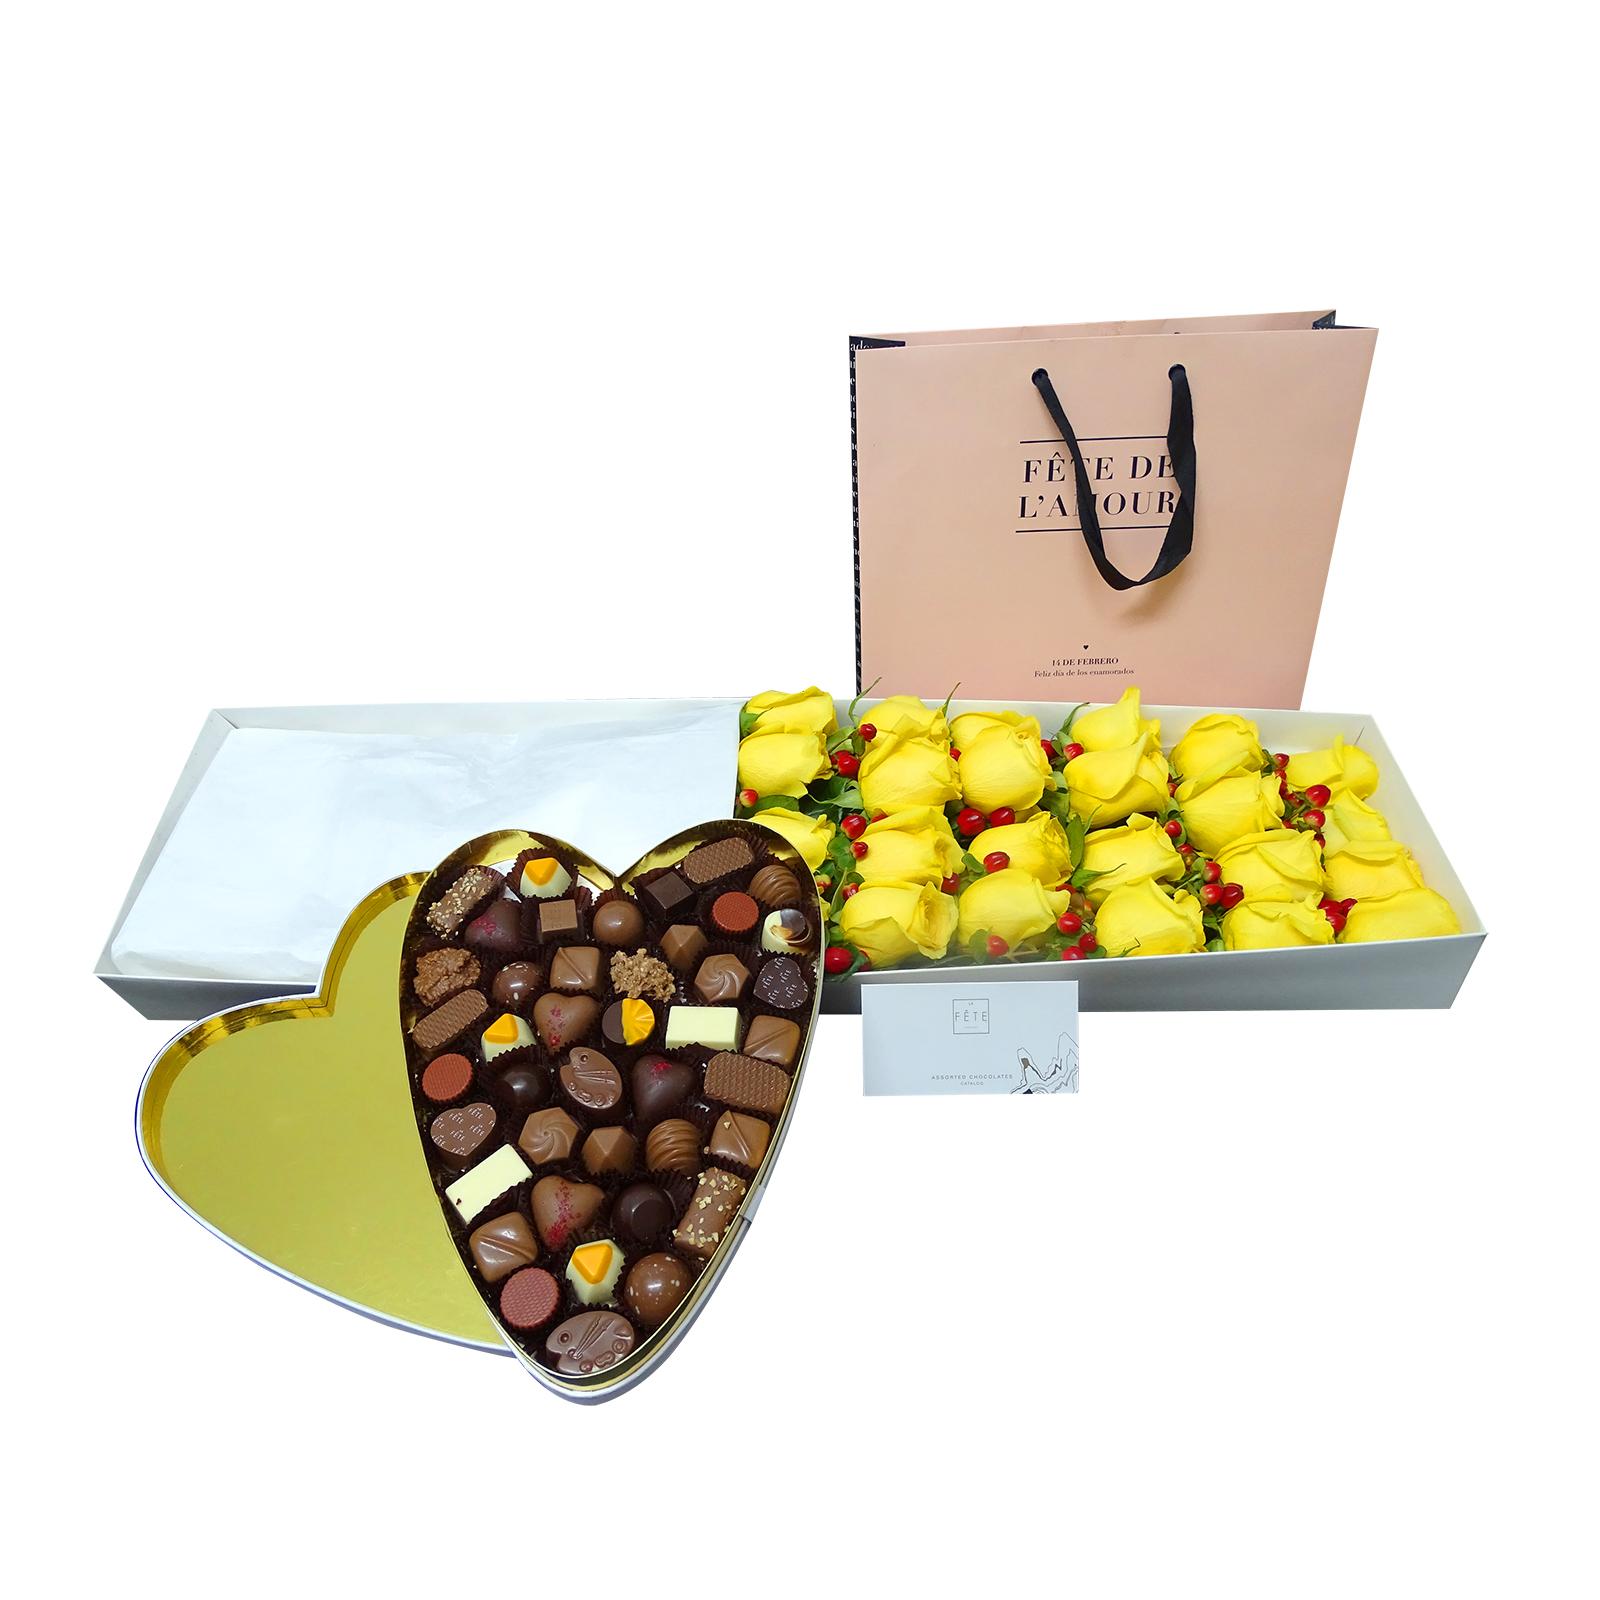 Caja de Rosas y Chocolates Finos La Fete ( Disponible la caja cuadrada)